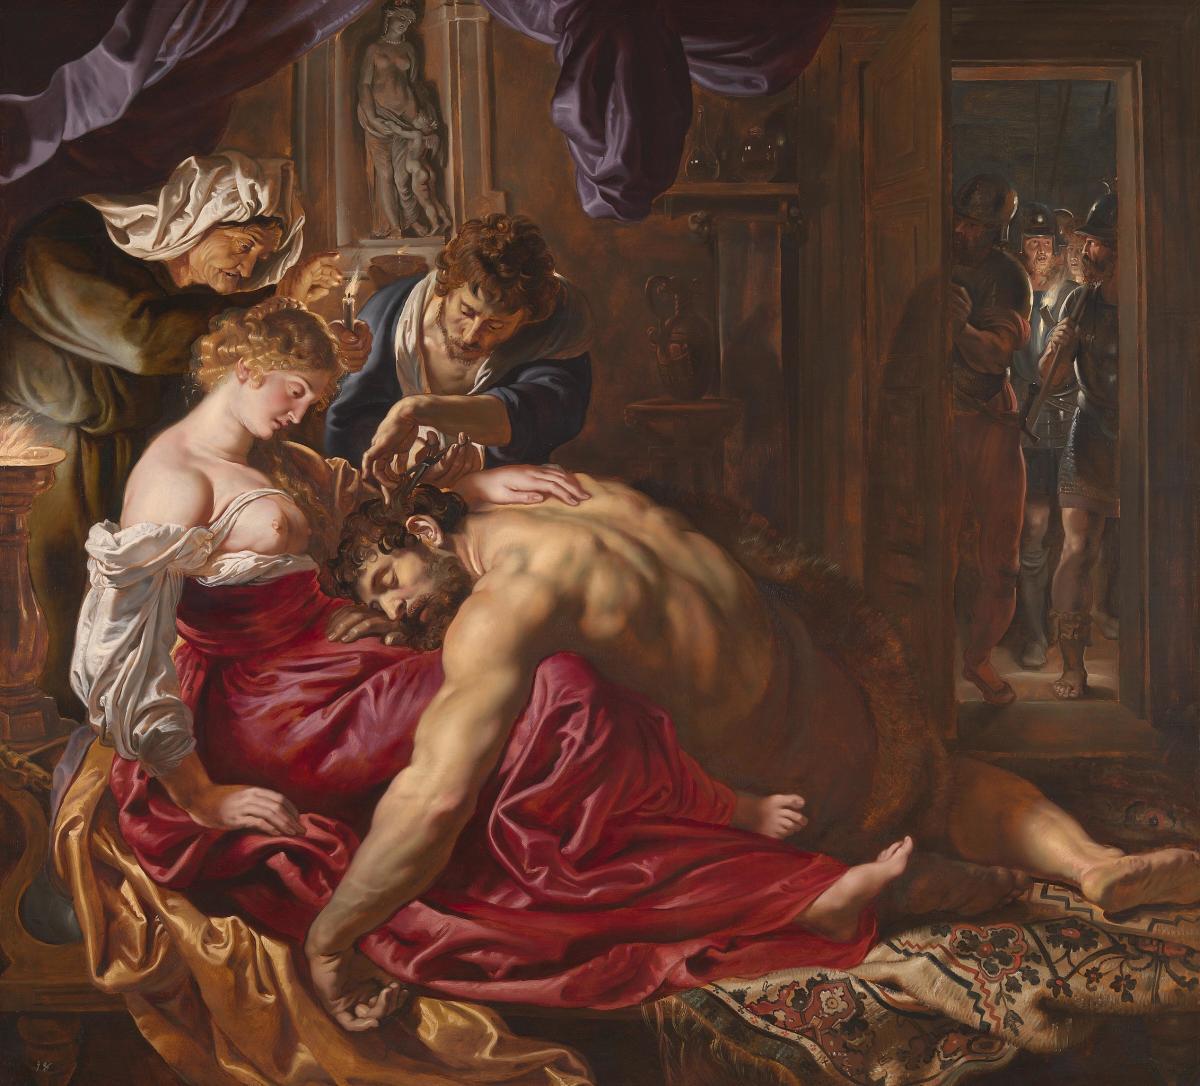 Известное полотно Рубенса оказалось лишь репликой / фото Wikipedia